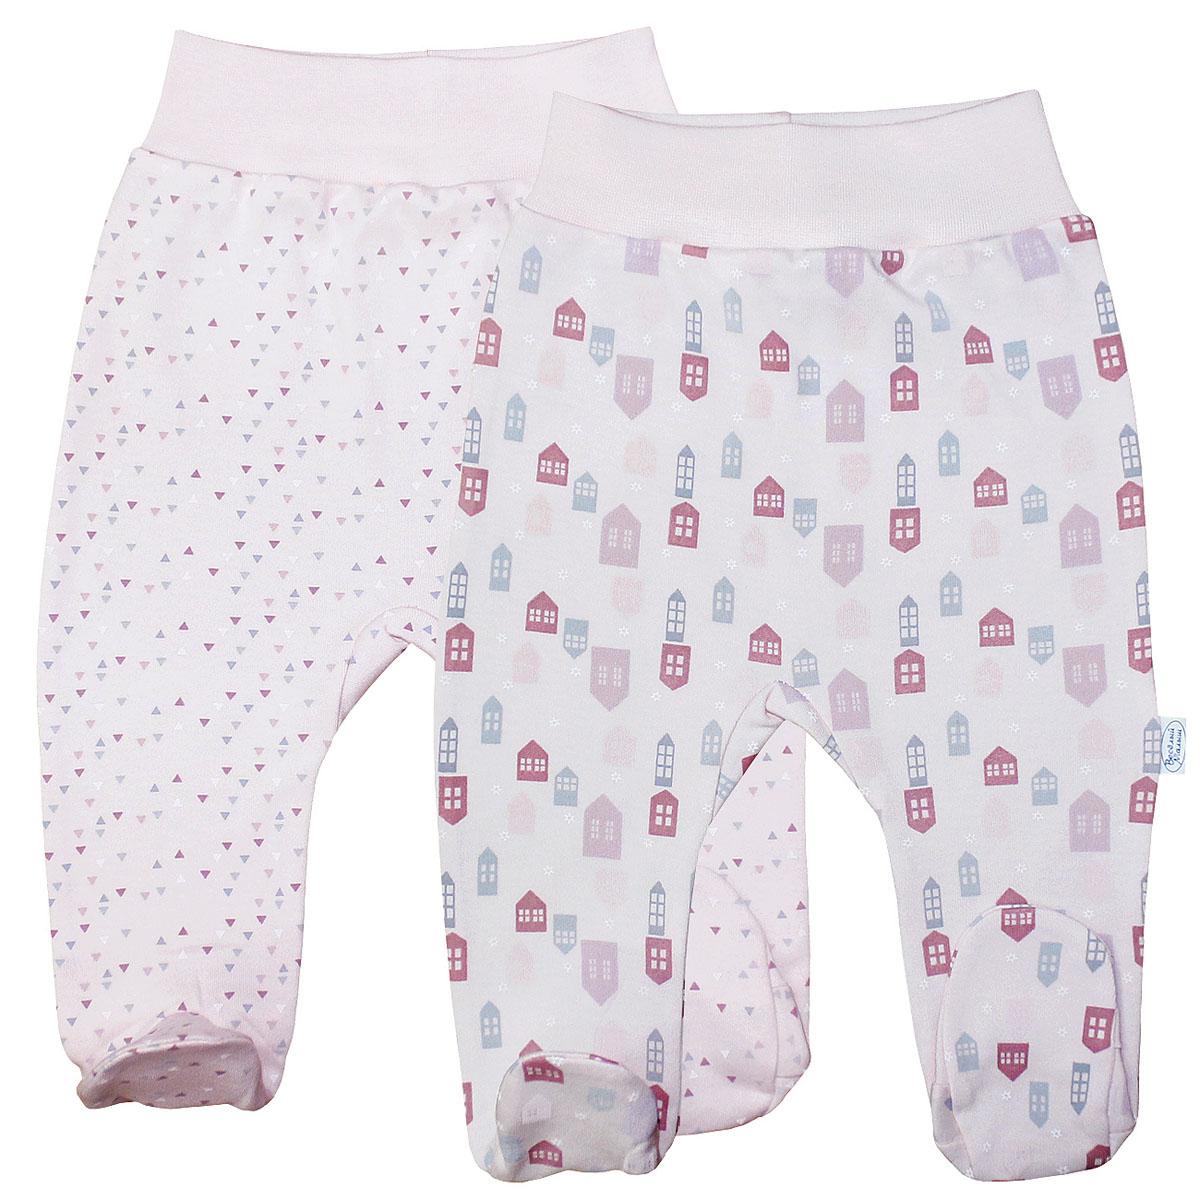 Ползунки для девочки Веселый малыш One, цвет: розовый. 32150/One-C (1). Размер 6832150Ползунки для девочки, подойдут и для домашнего использования, и для прогулок. Модель из мягкой натуральной ткани, не вызывающей раздражений. Широкие резинки на поясе не сдавливают живот ребенка.